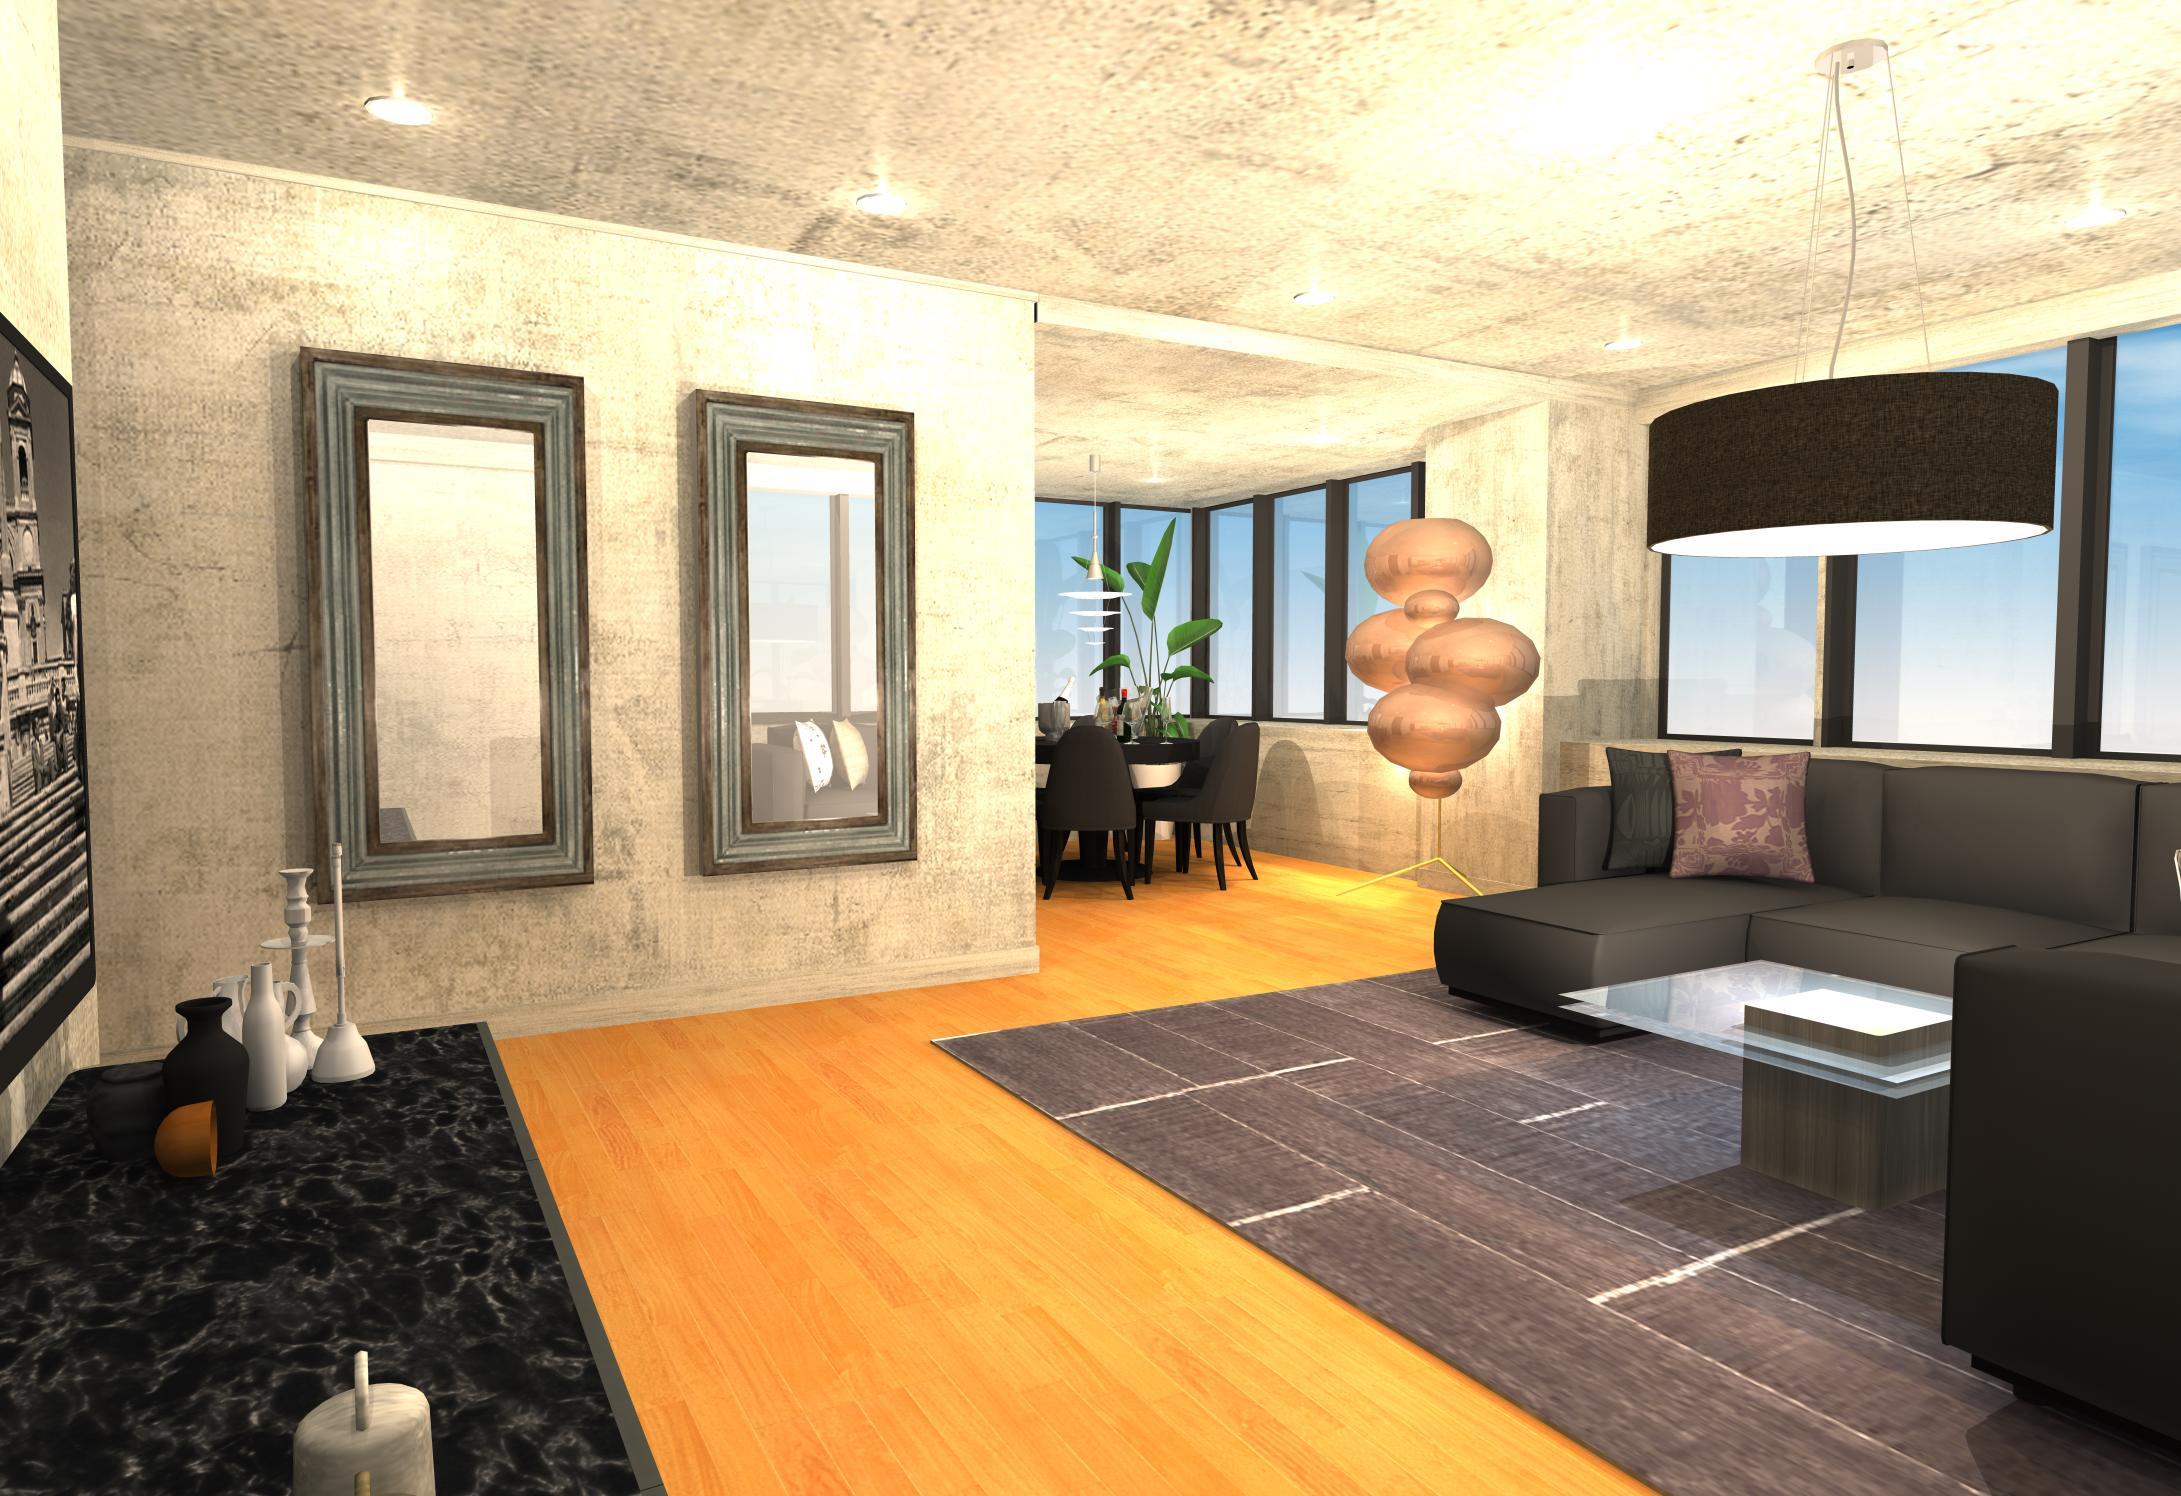 30畳のお部屋のスペースを上手く活かしたスタイリッシュモダンインテリア